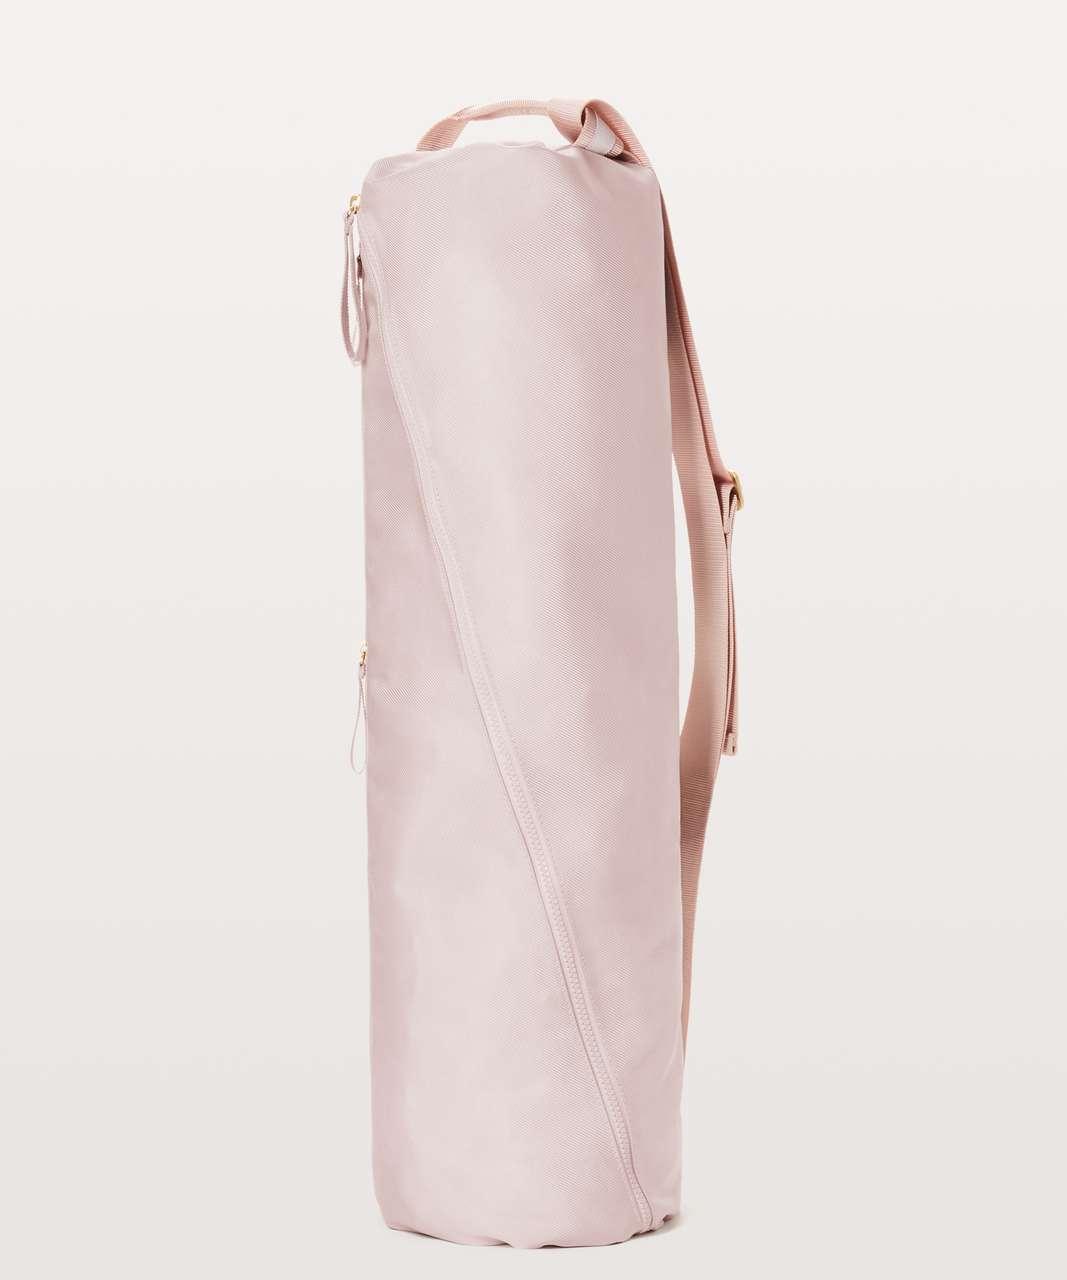 Lululemon The Yoga Bag *14L - Misty Pink